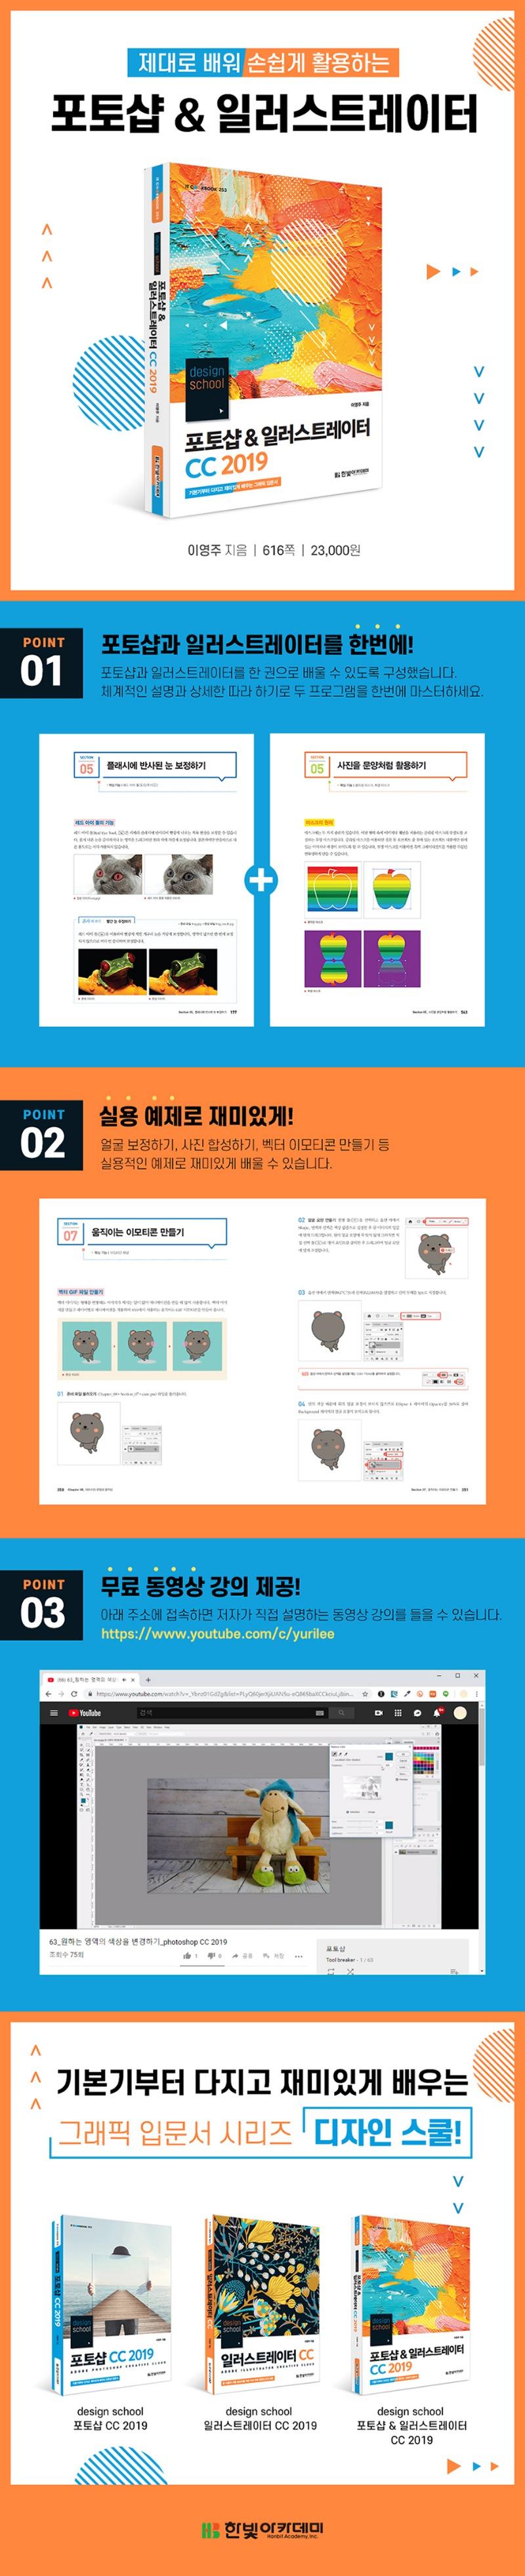 상세이미지_design school 포토샵 & 일러스트레이터 CC 2019.jpg